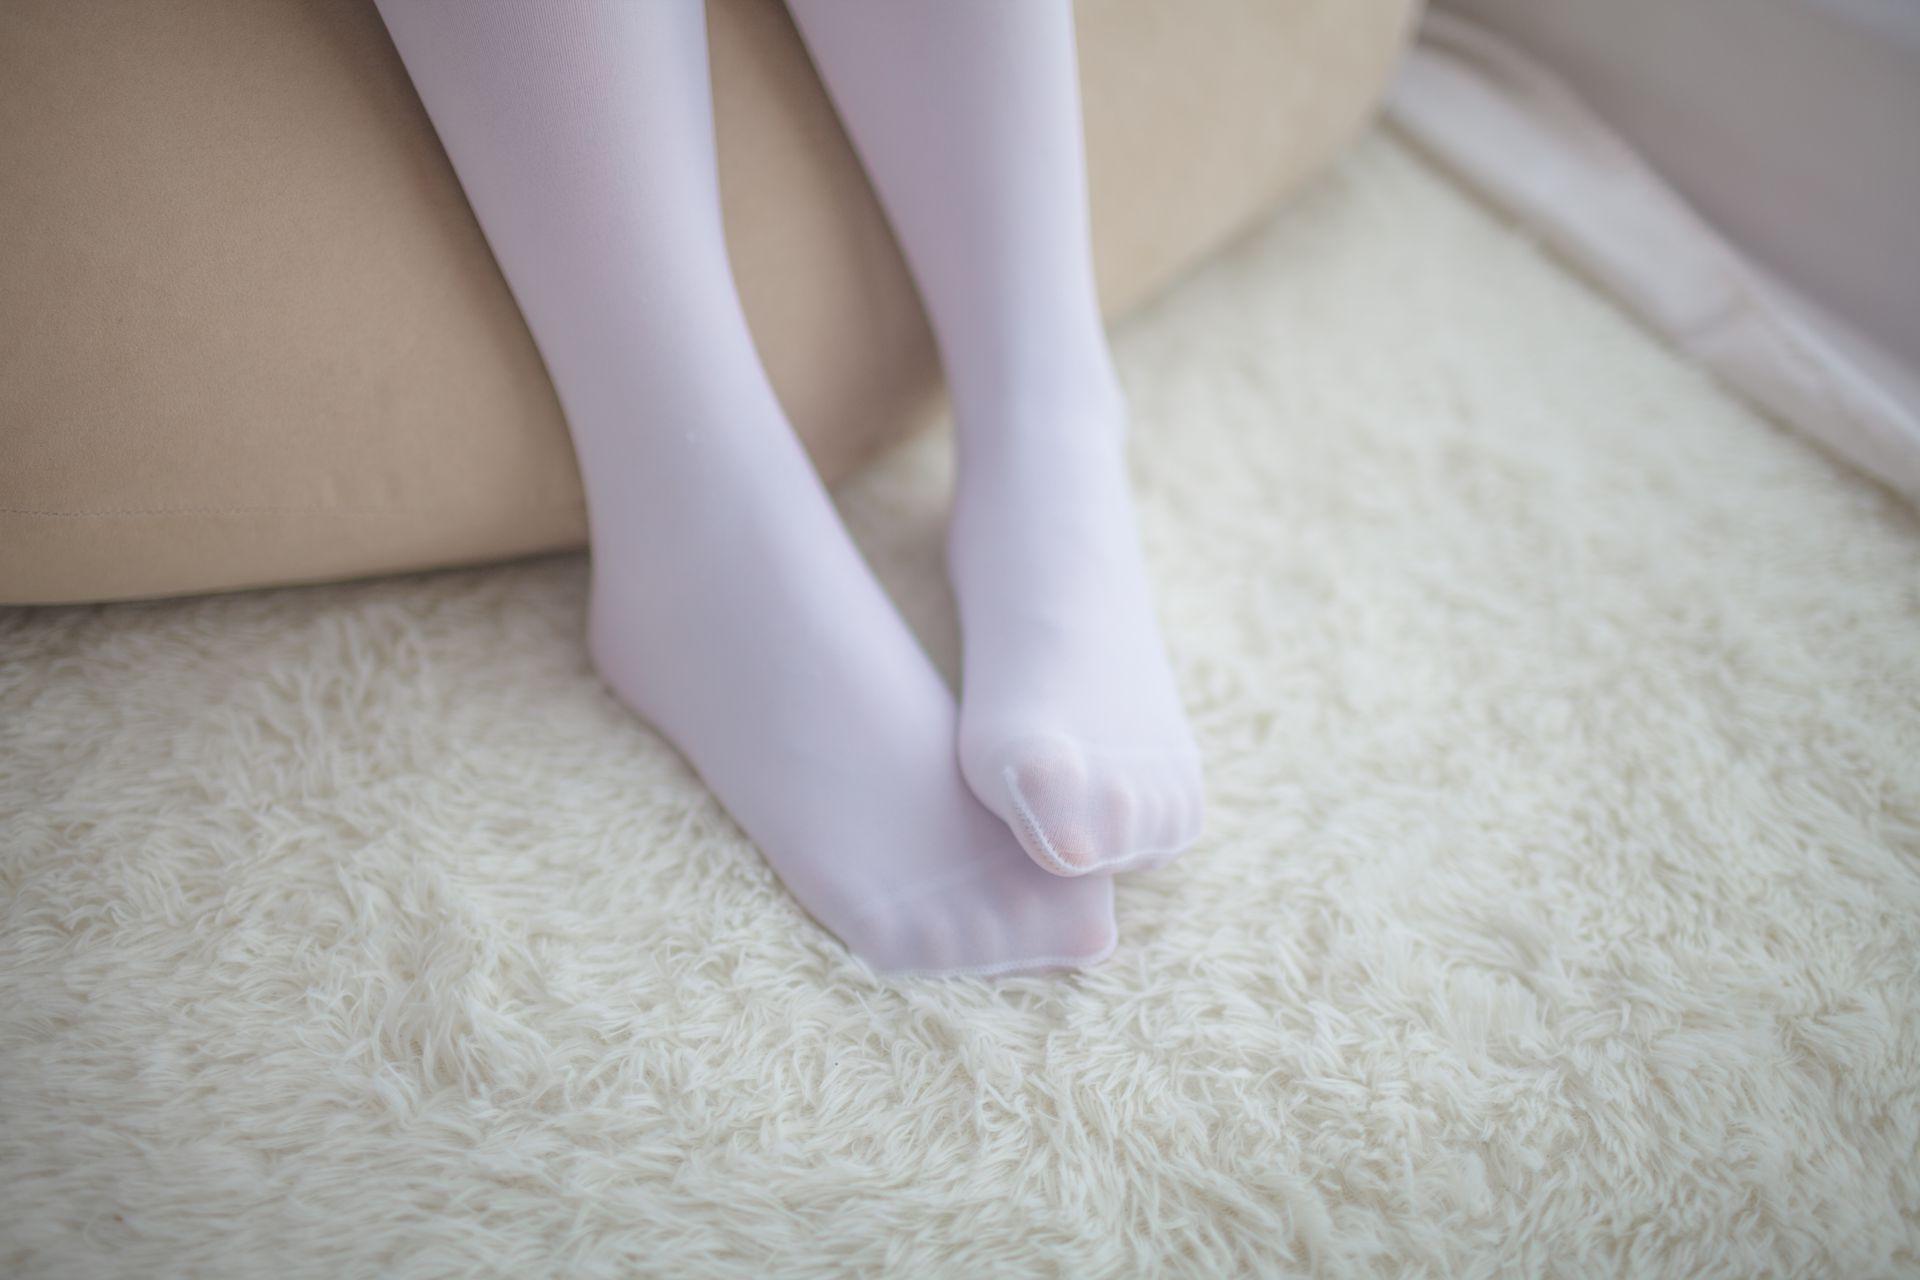 少女秩序 VOL.010 享受周末的假日 兔玩映画 第24张